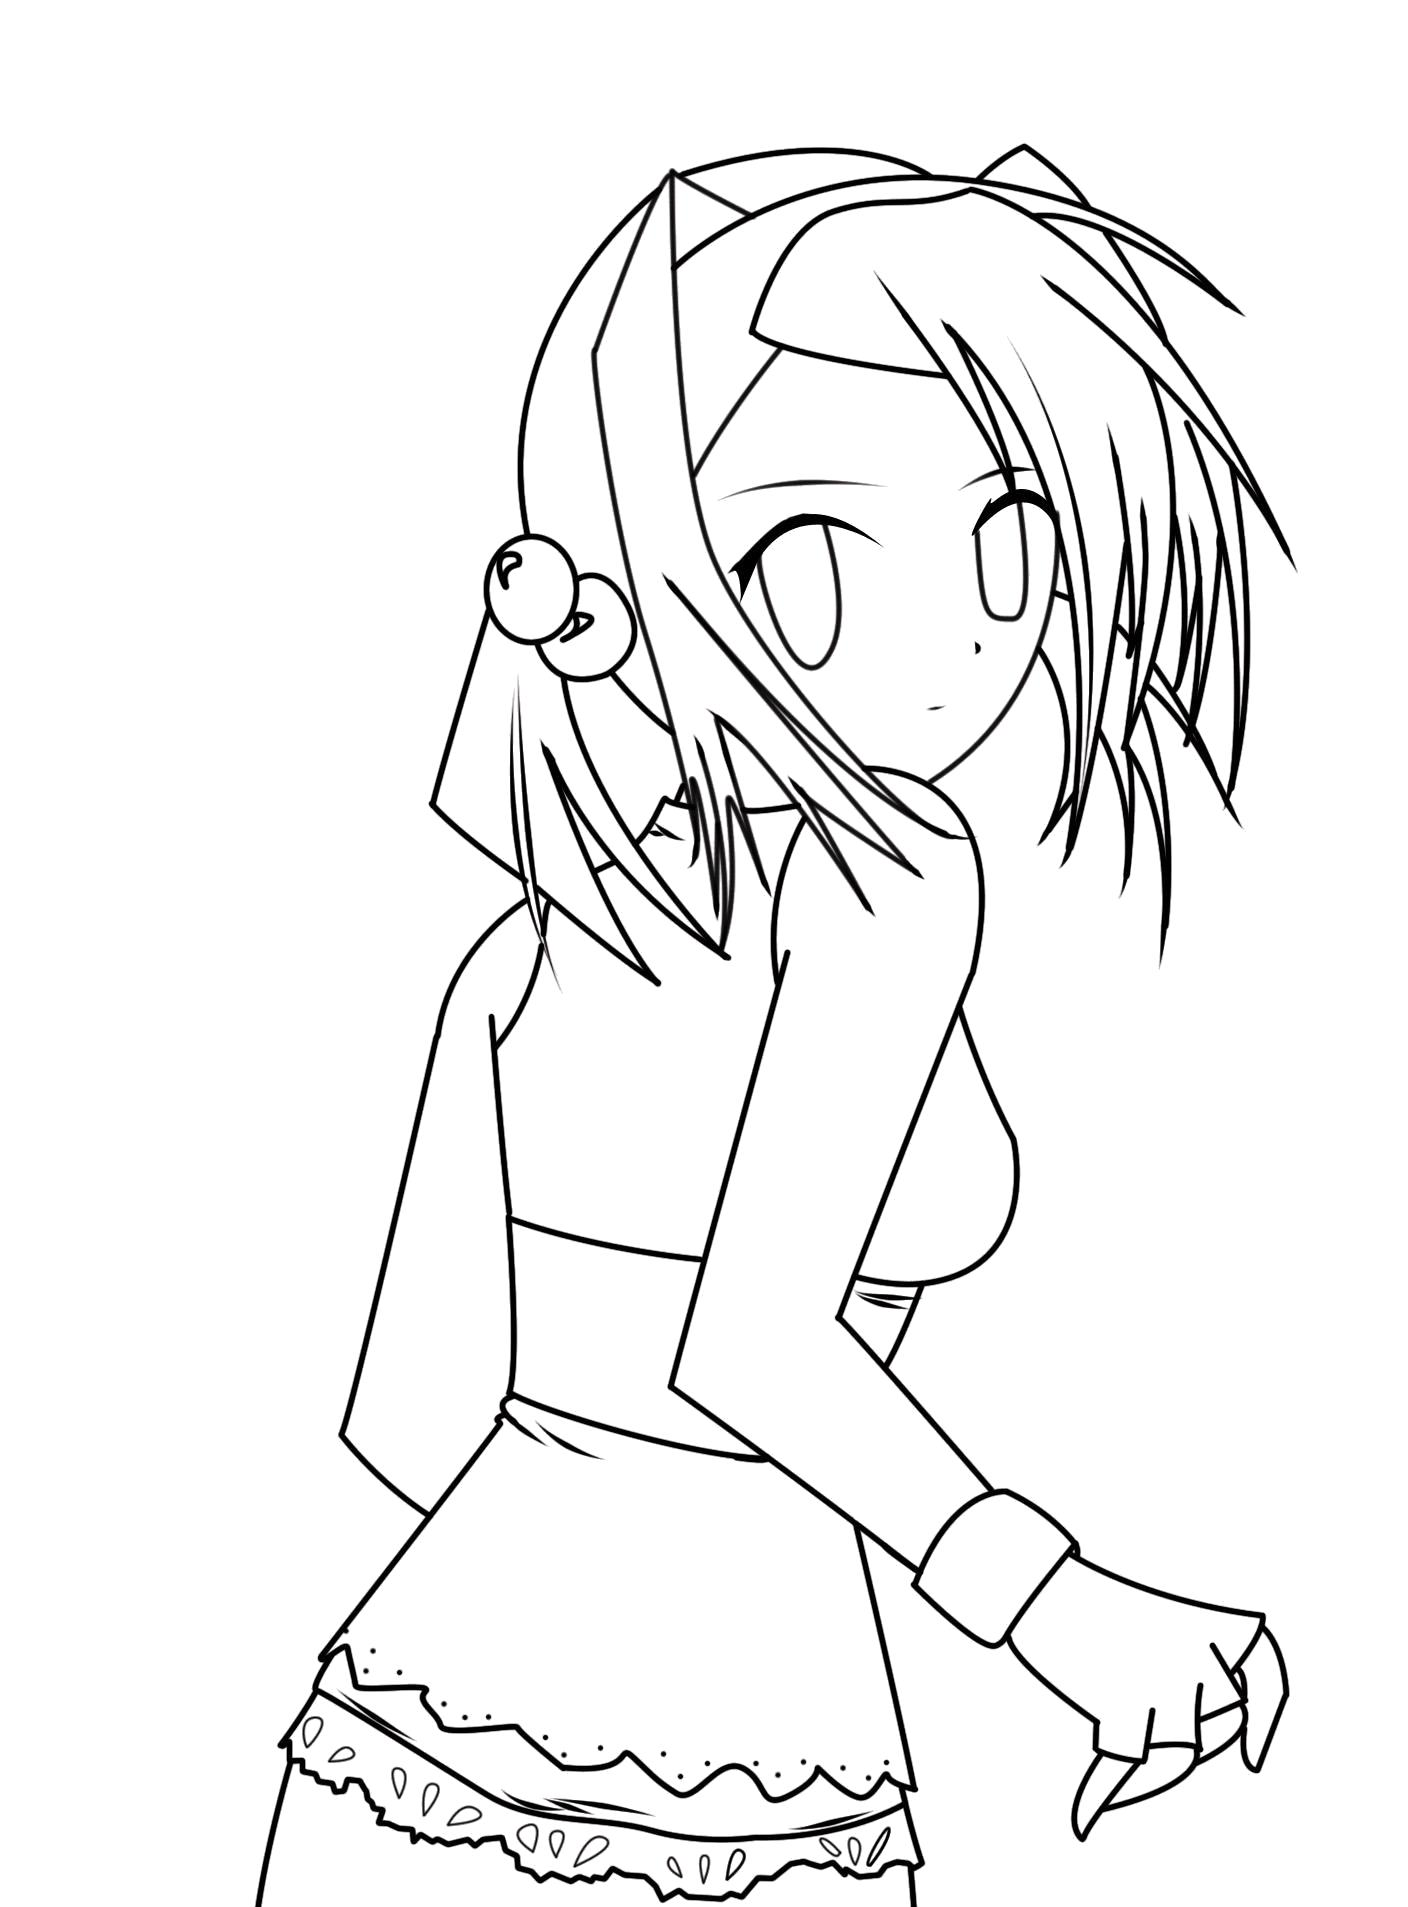 Раскраска  аниме девушки. Скачать Аниме.  Распечатать Аниме